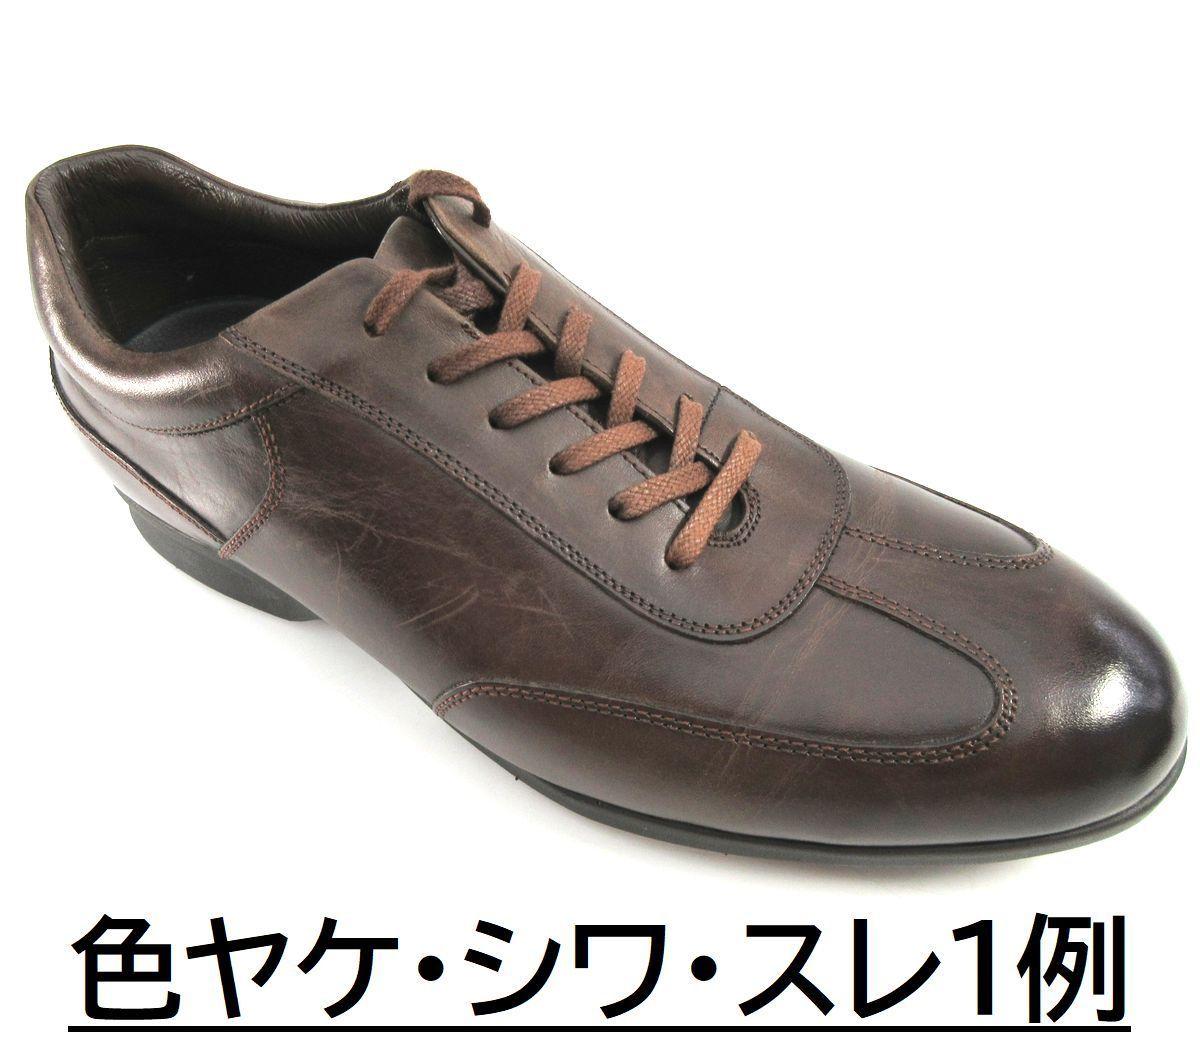 メンズレザースニーカー 日本製 紳士靴 ピエールカルダン pierre cardin 本州送料無料 本革レースアップシューズ 25cm幅広3E 濃茶 U2009_画像9